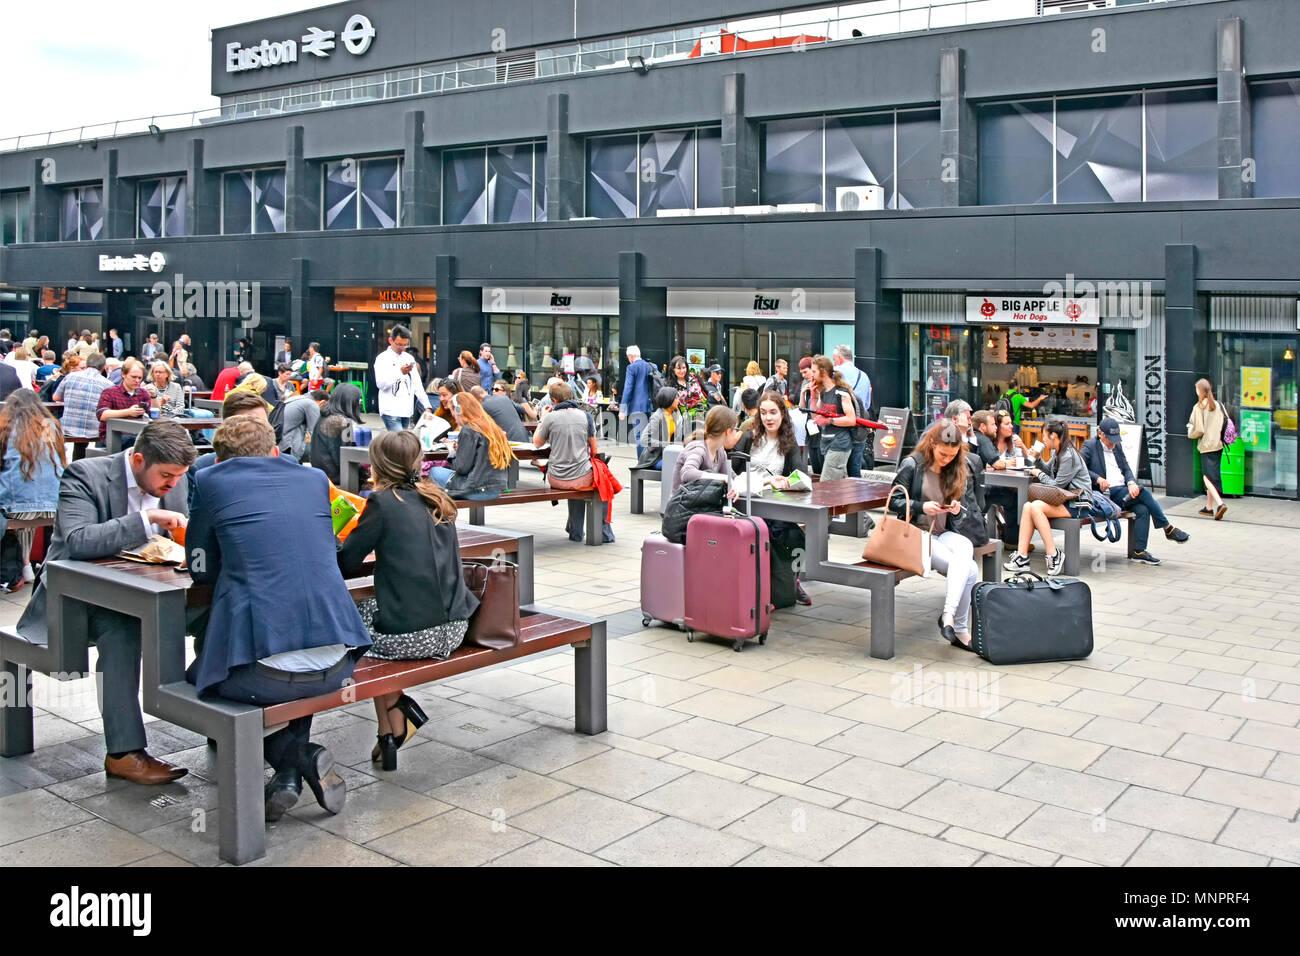 Masse der Leute Bahn Reisen warten auf Picknick Tisch außerhalb von London Euston Bahnhof einige mit Koffer Gepäck fast food Café Geschäfte jenseits DE Stockbild